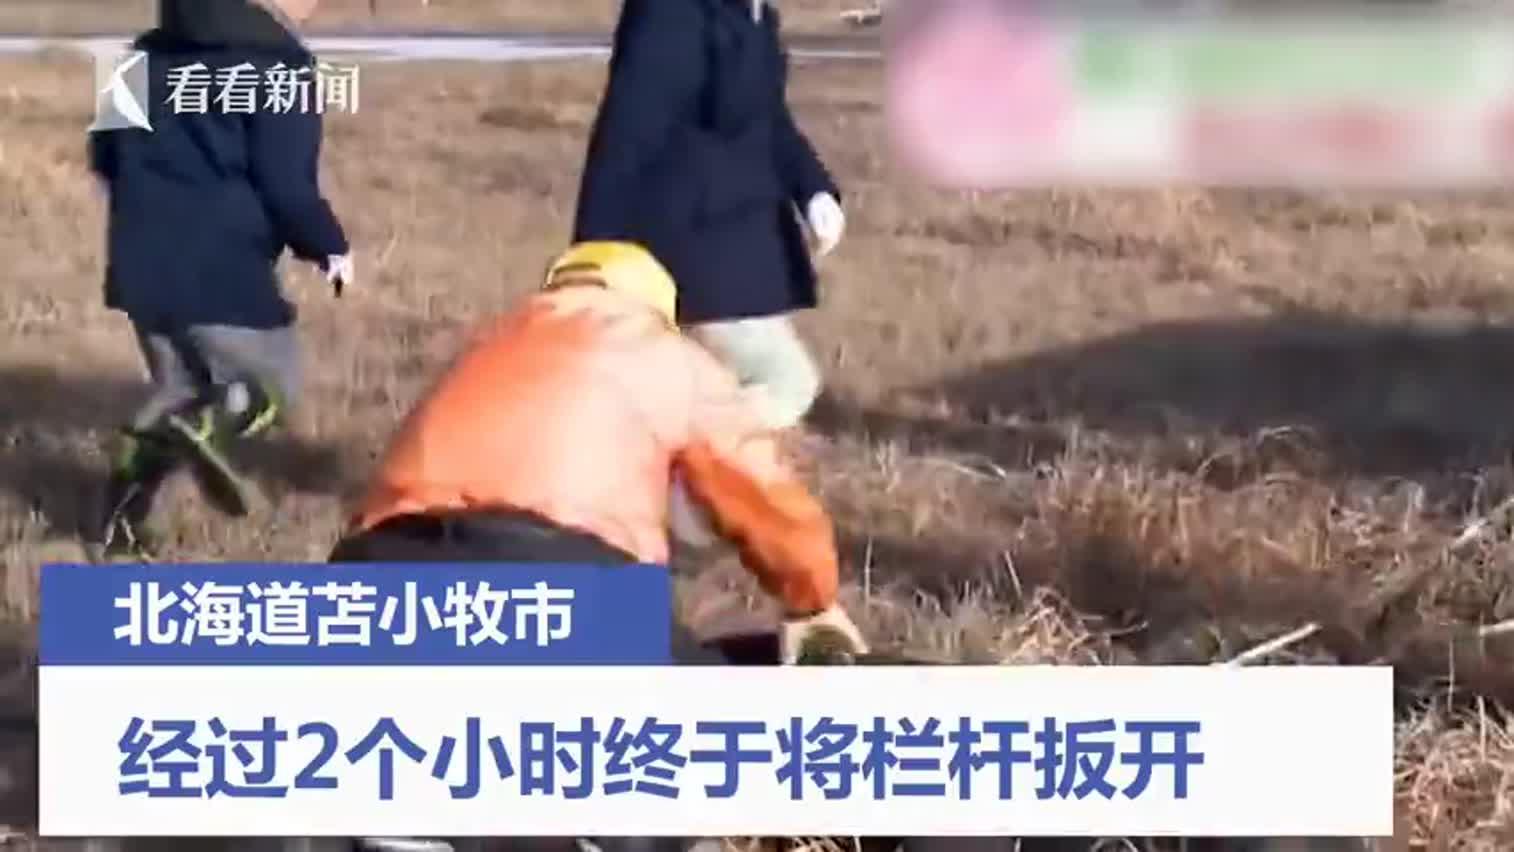 视频-北海道小鹿屁股被卡栏杆 一张厌世脸坐等救援